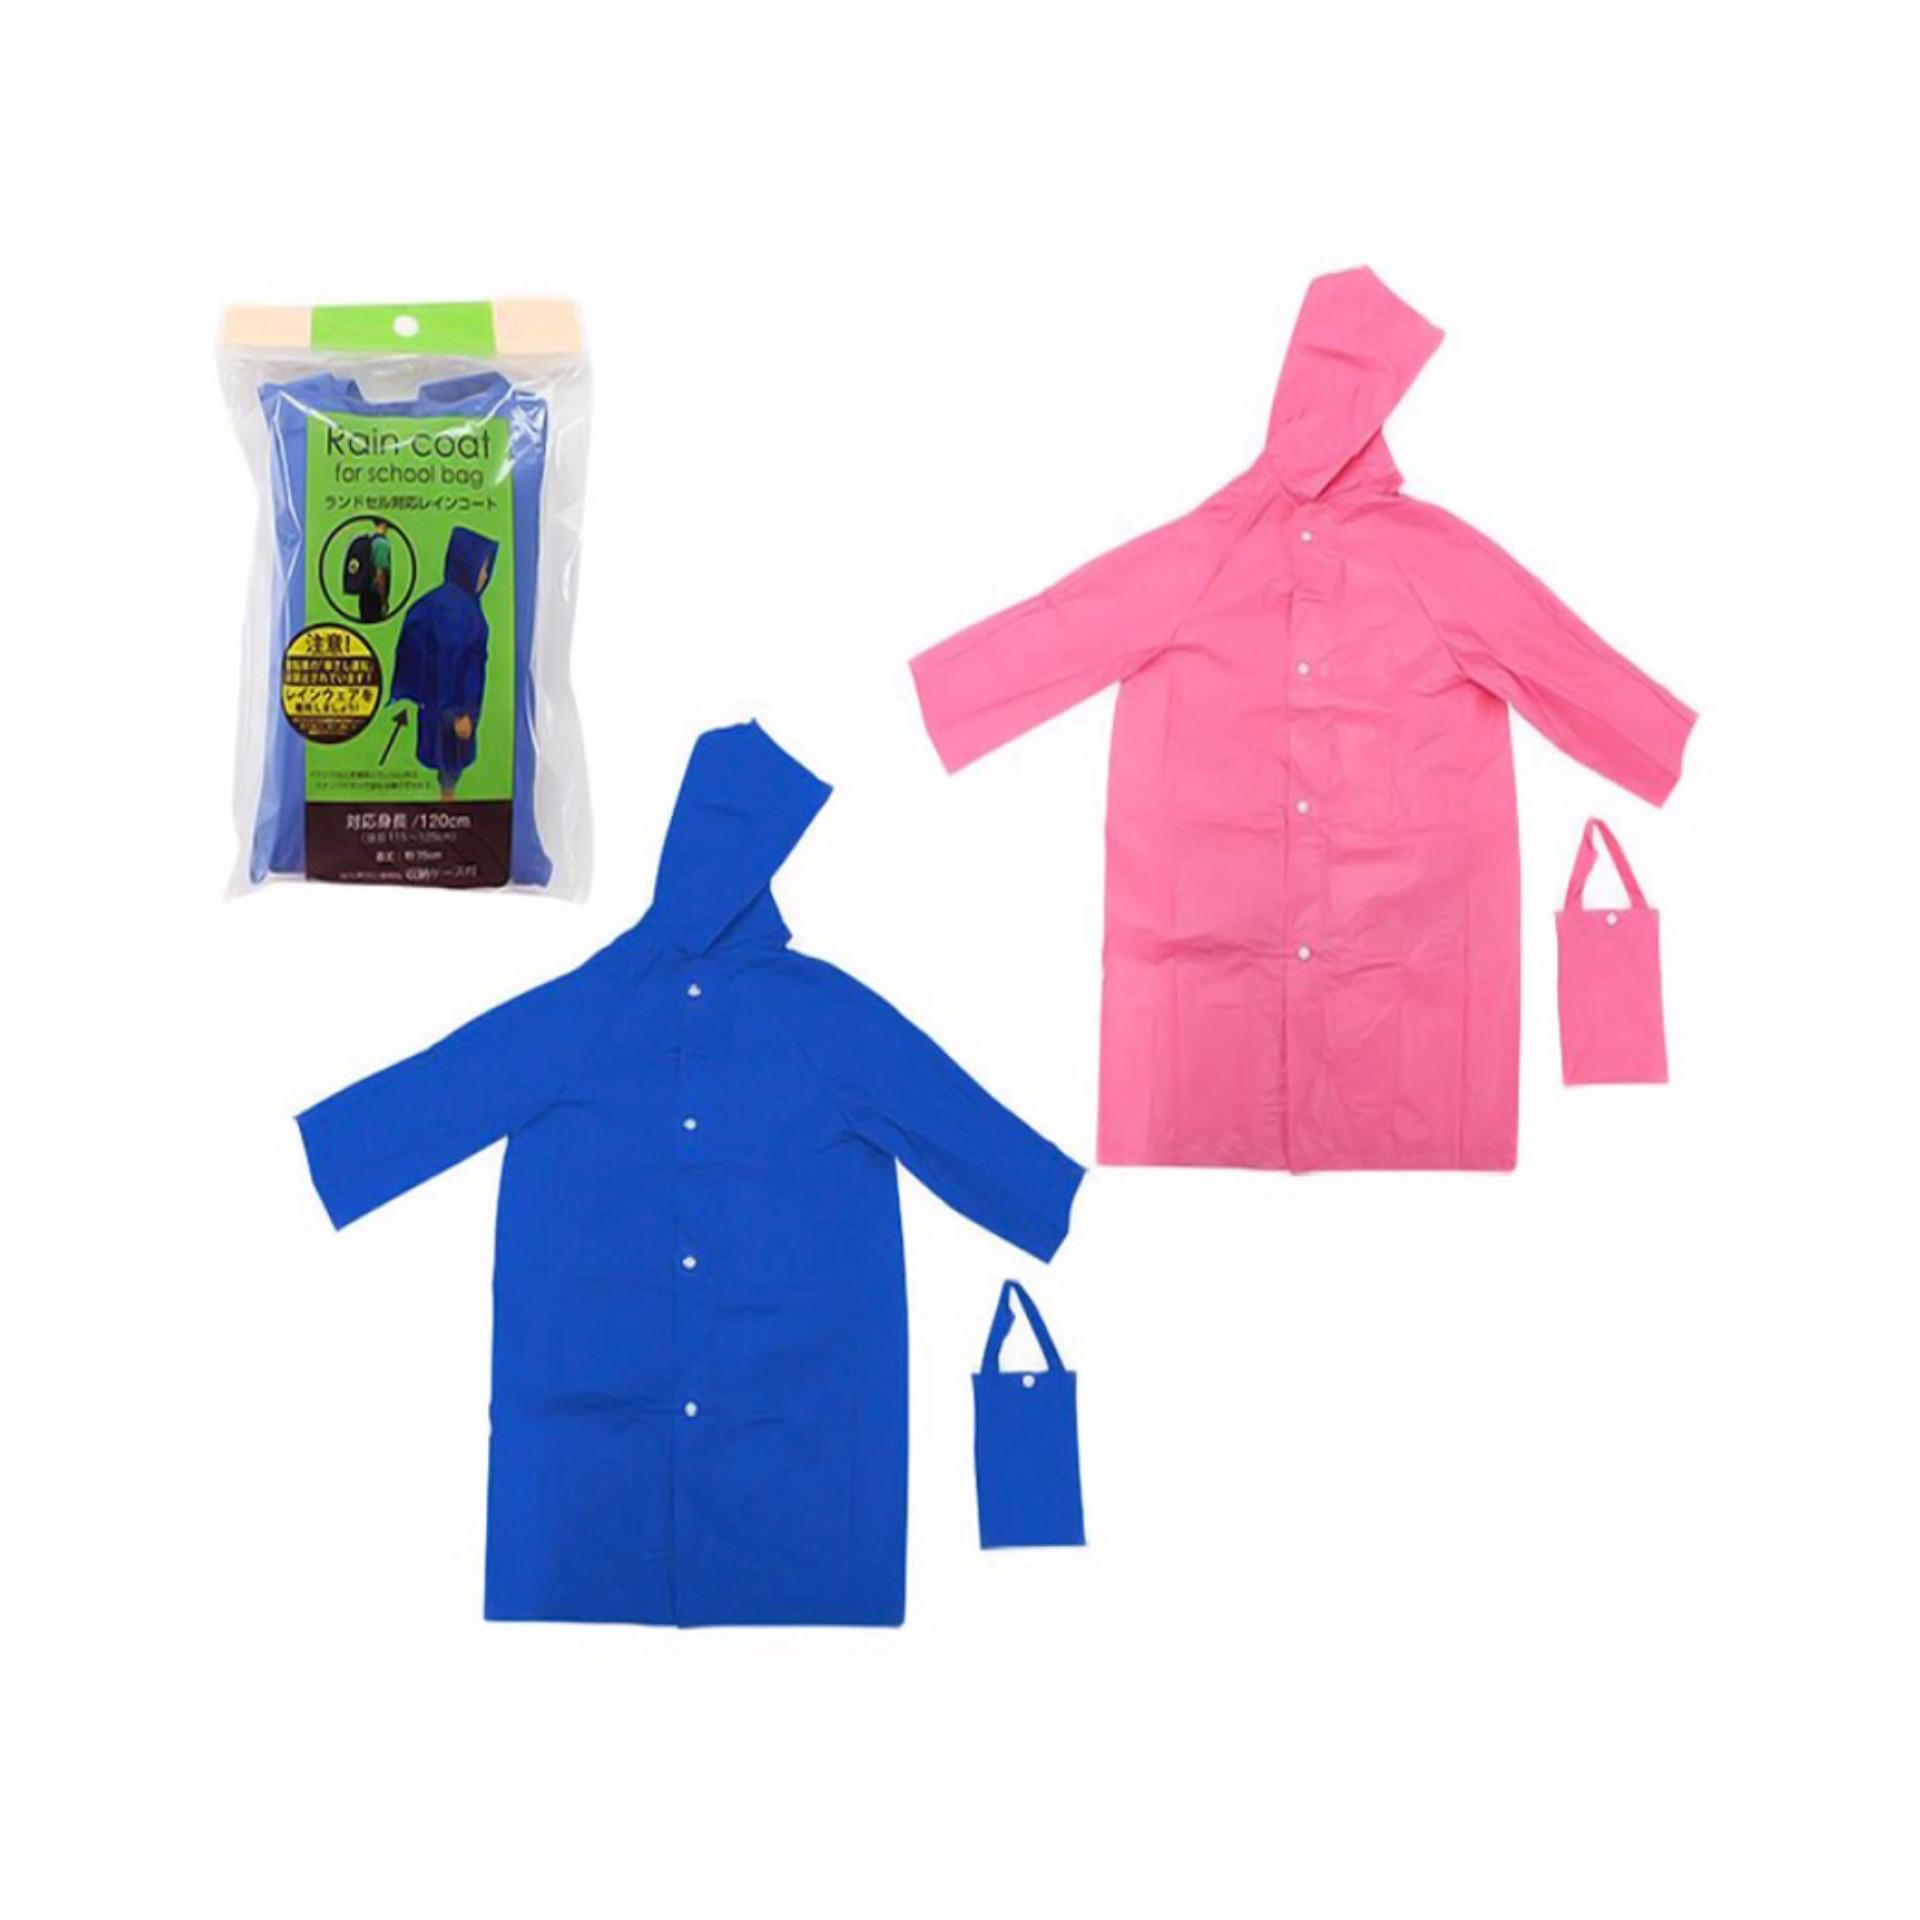 Áo mưa cho bé (thiết kế để che cặp sách học sinh) hàng nhập khẩu Nhật Bản